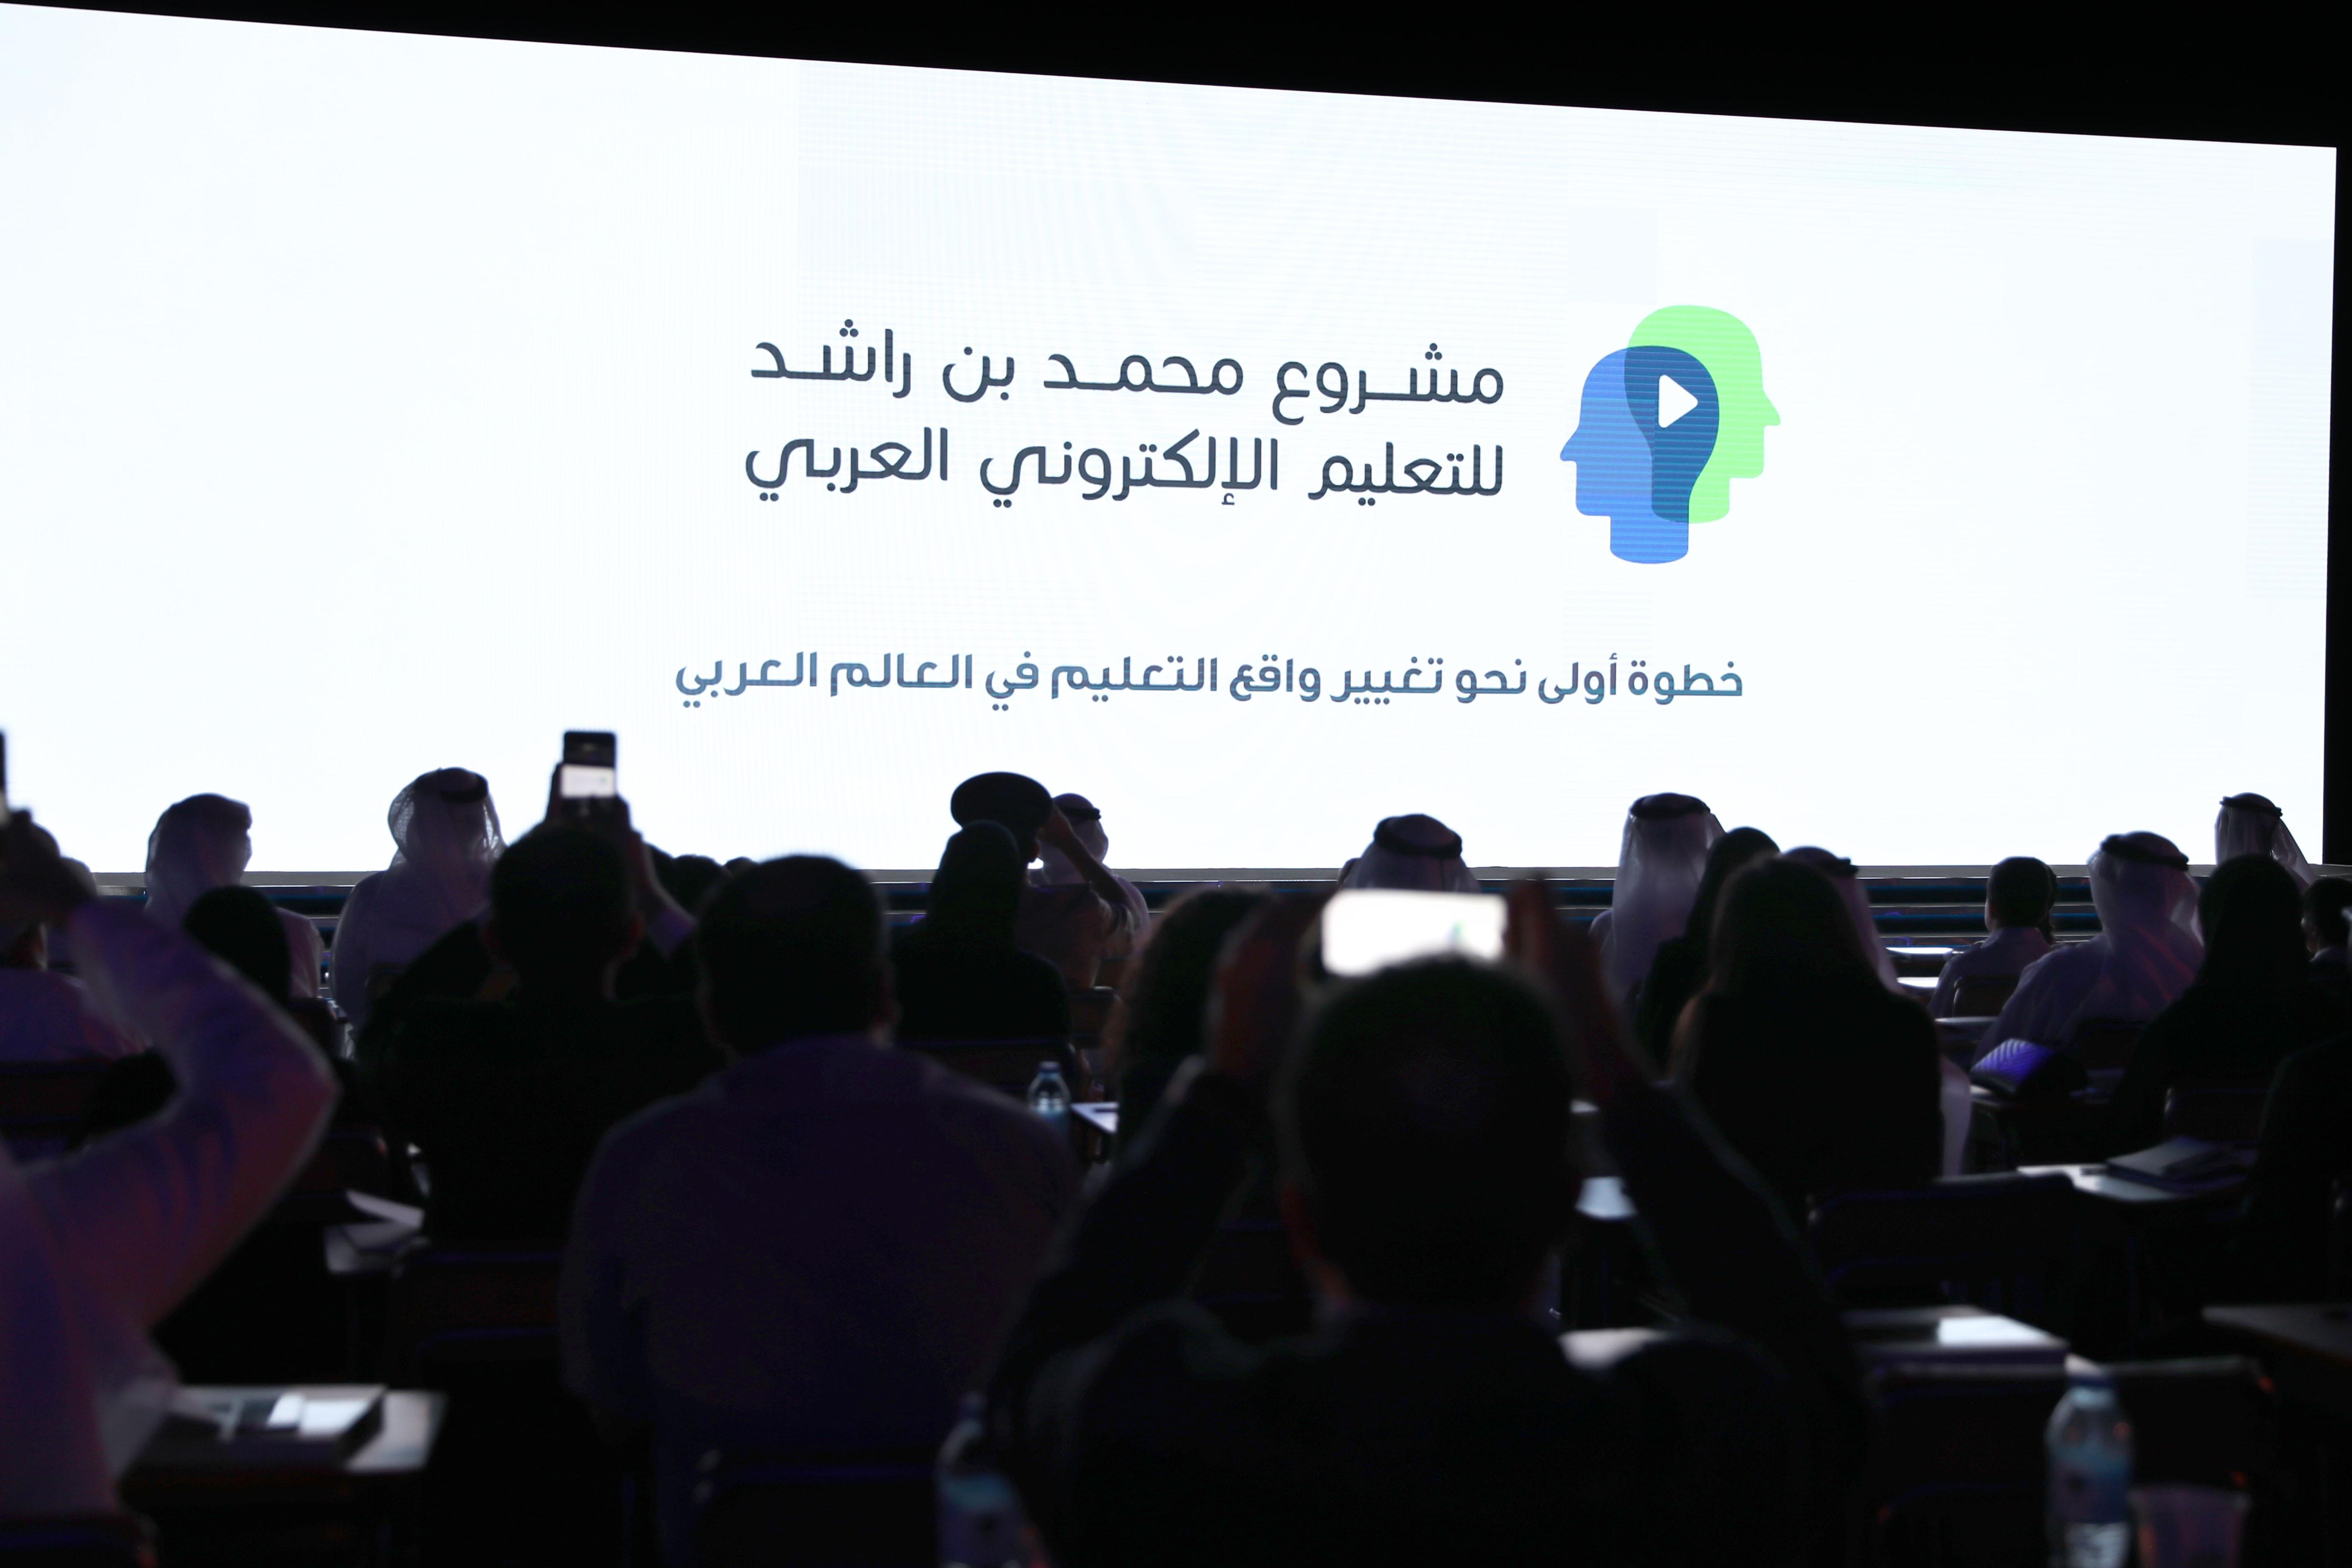 صاحب السمو الشيخ محمد بن راشد آل مكتوم - التعليم في رؤية محمد بن راشد